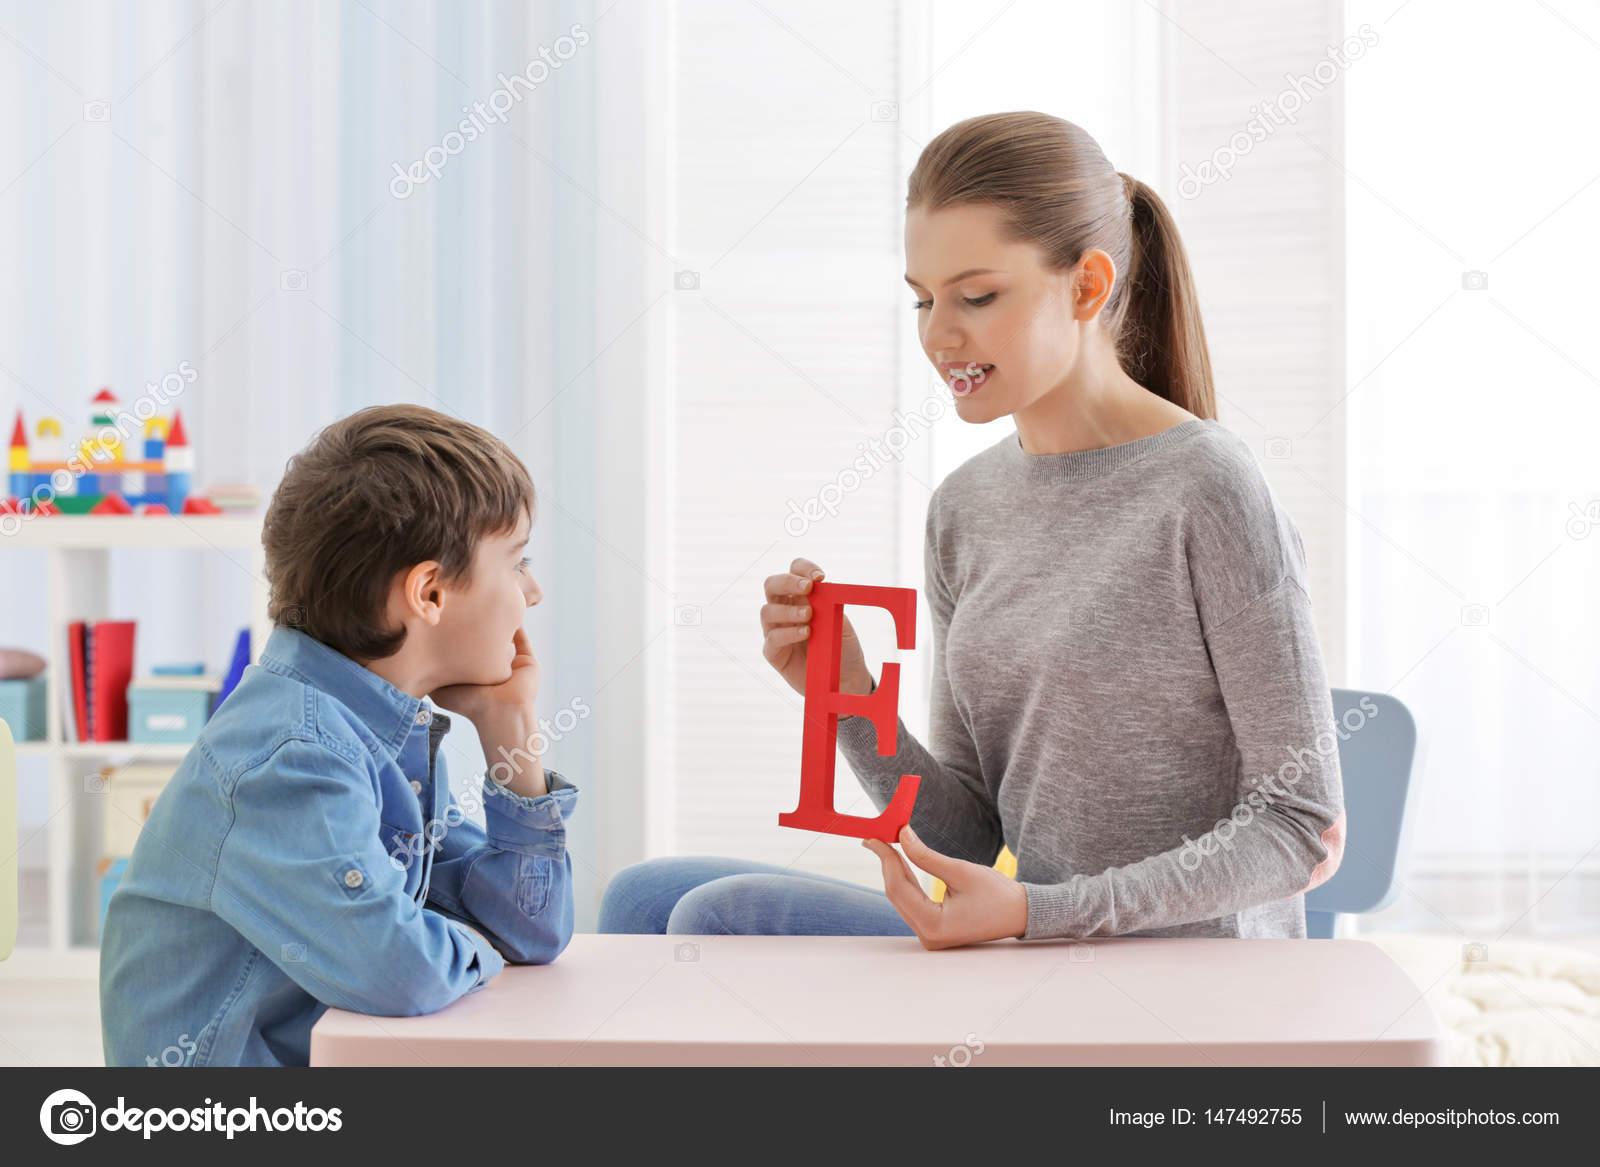 Kantoor Van Joint : Jongen op kantoor van de logopedist u stockfoto belchonock